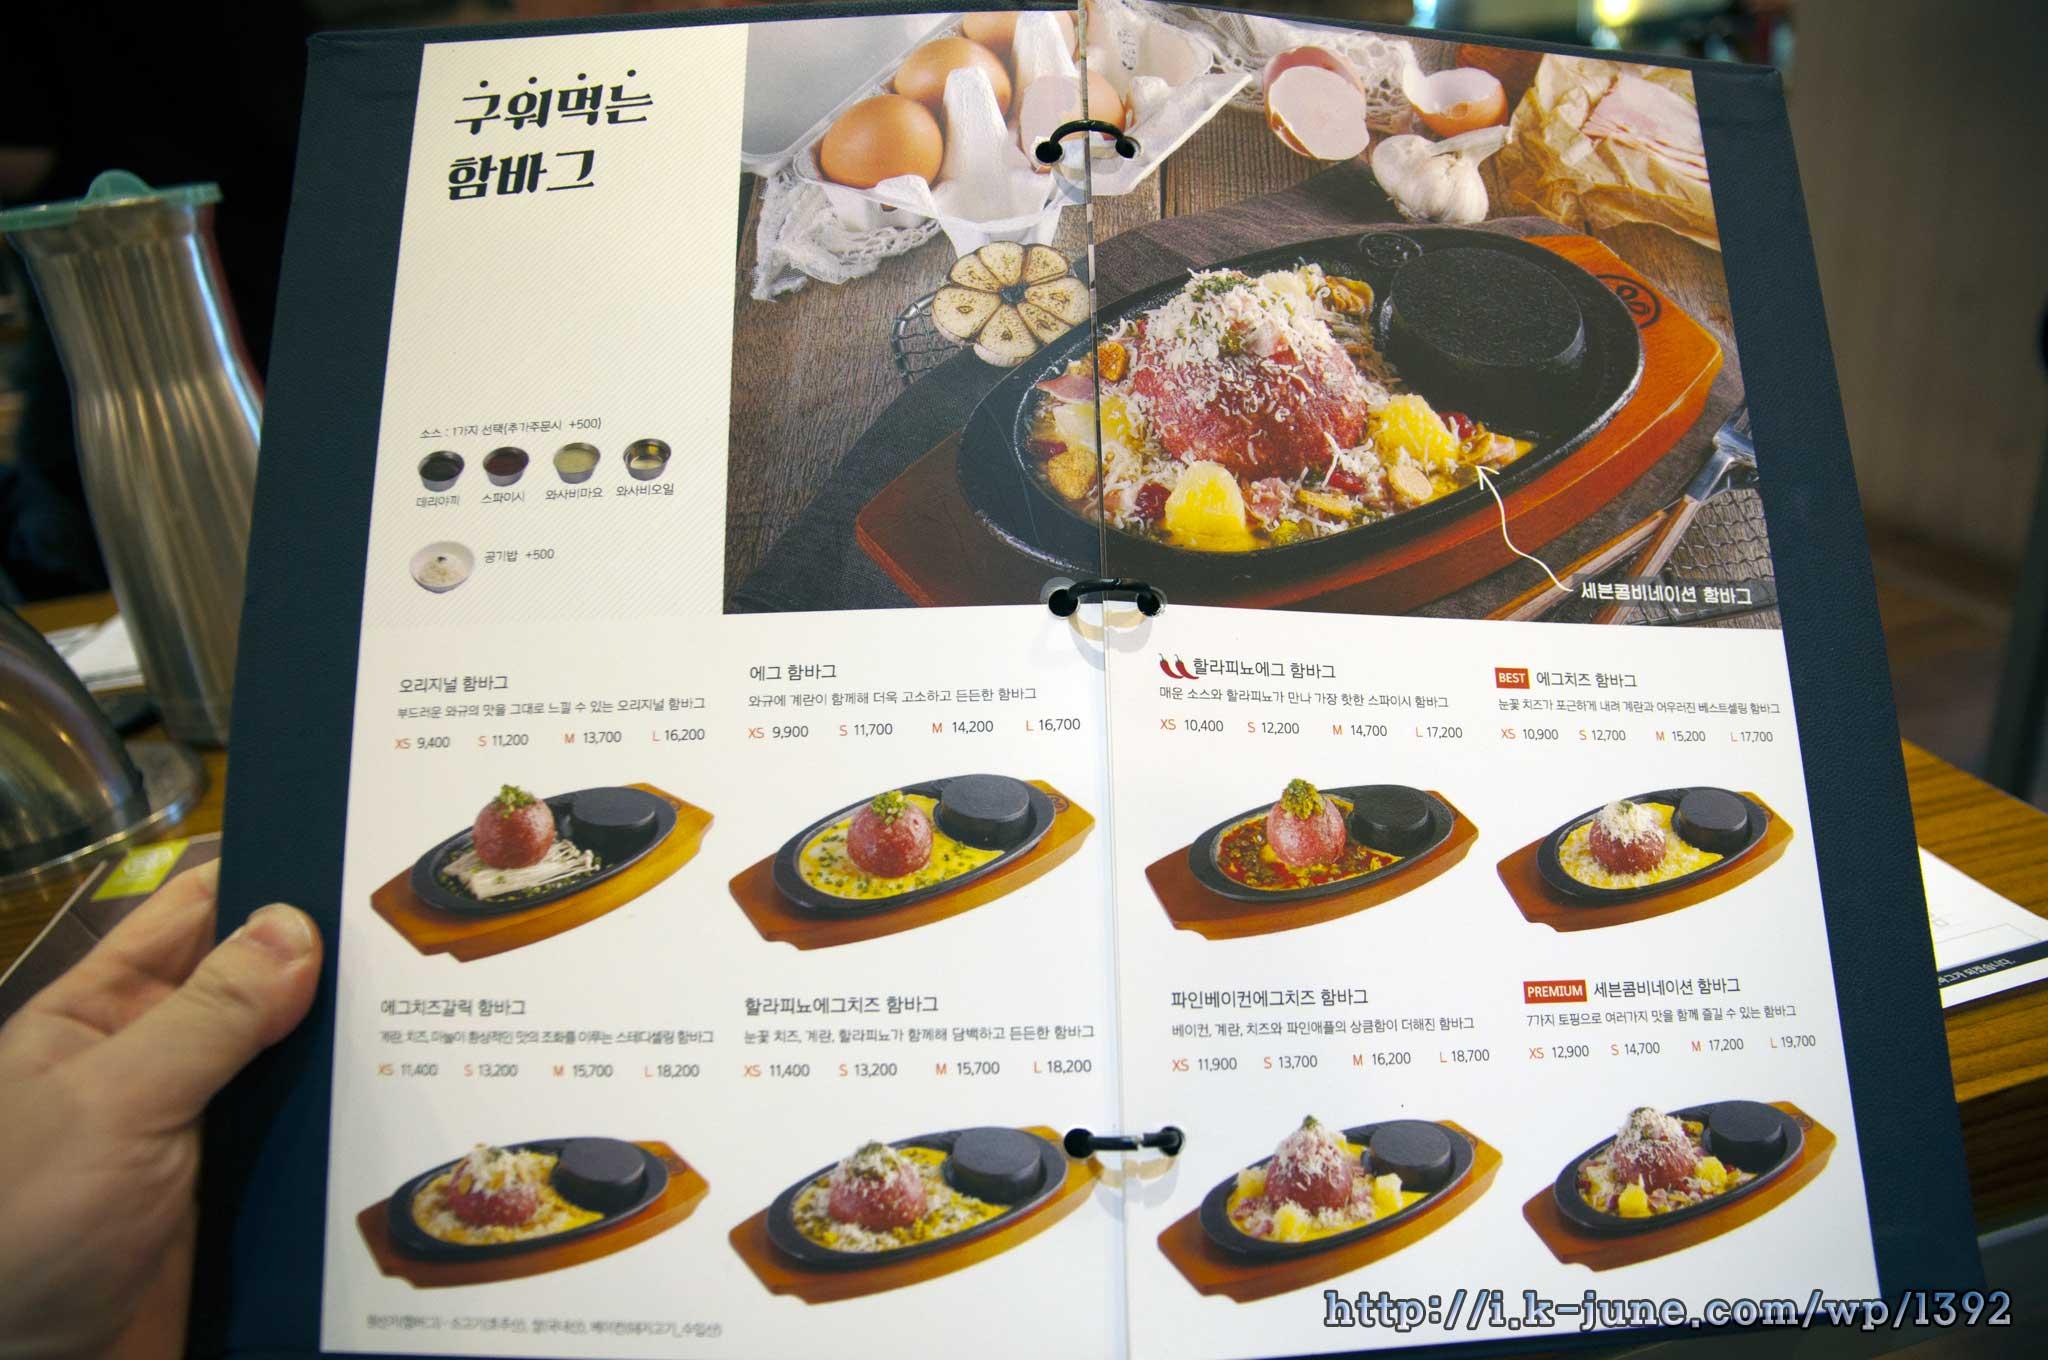 구워먹는 함바그 메뉴판. 오리지널 함바그부터 세븐콤비네이션 함바그까지 8종류의 메뉴